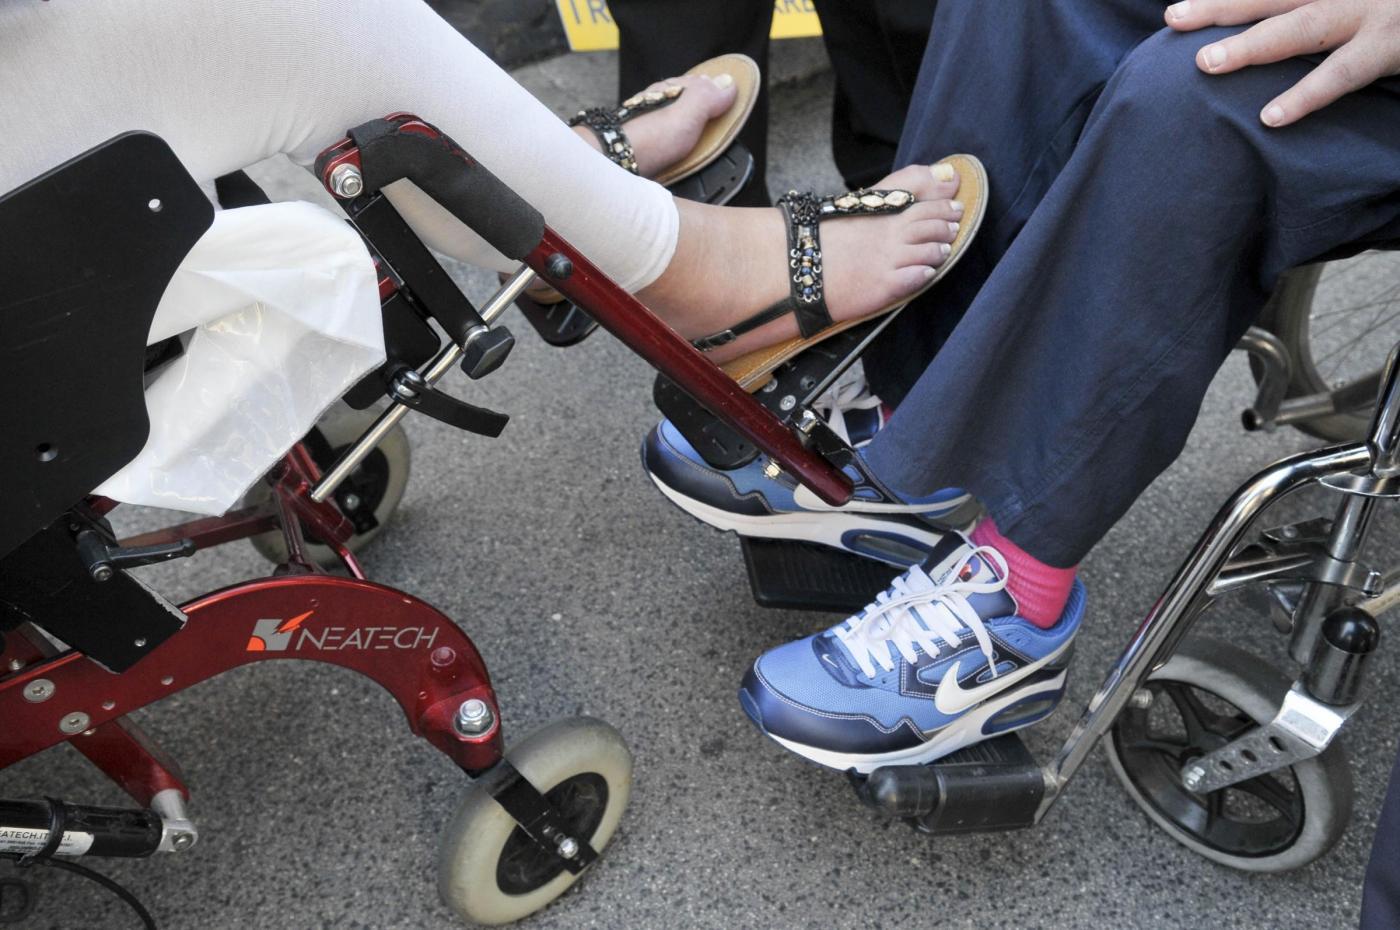 Pensione invalidità, Inps rilascia circolare: la casa non fa più reddito